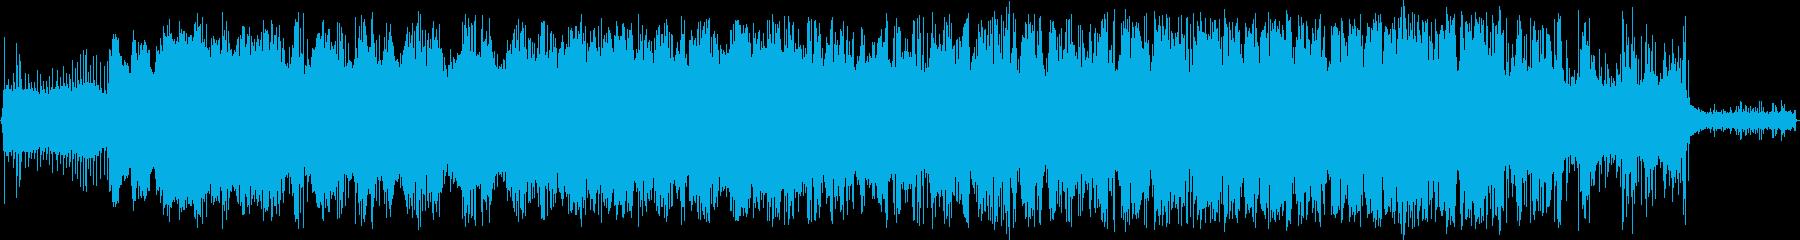 ガス芝生トリマー:スタート、カット...の再生済みの波形